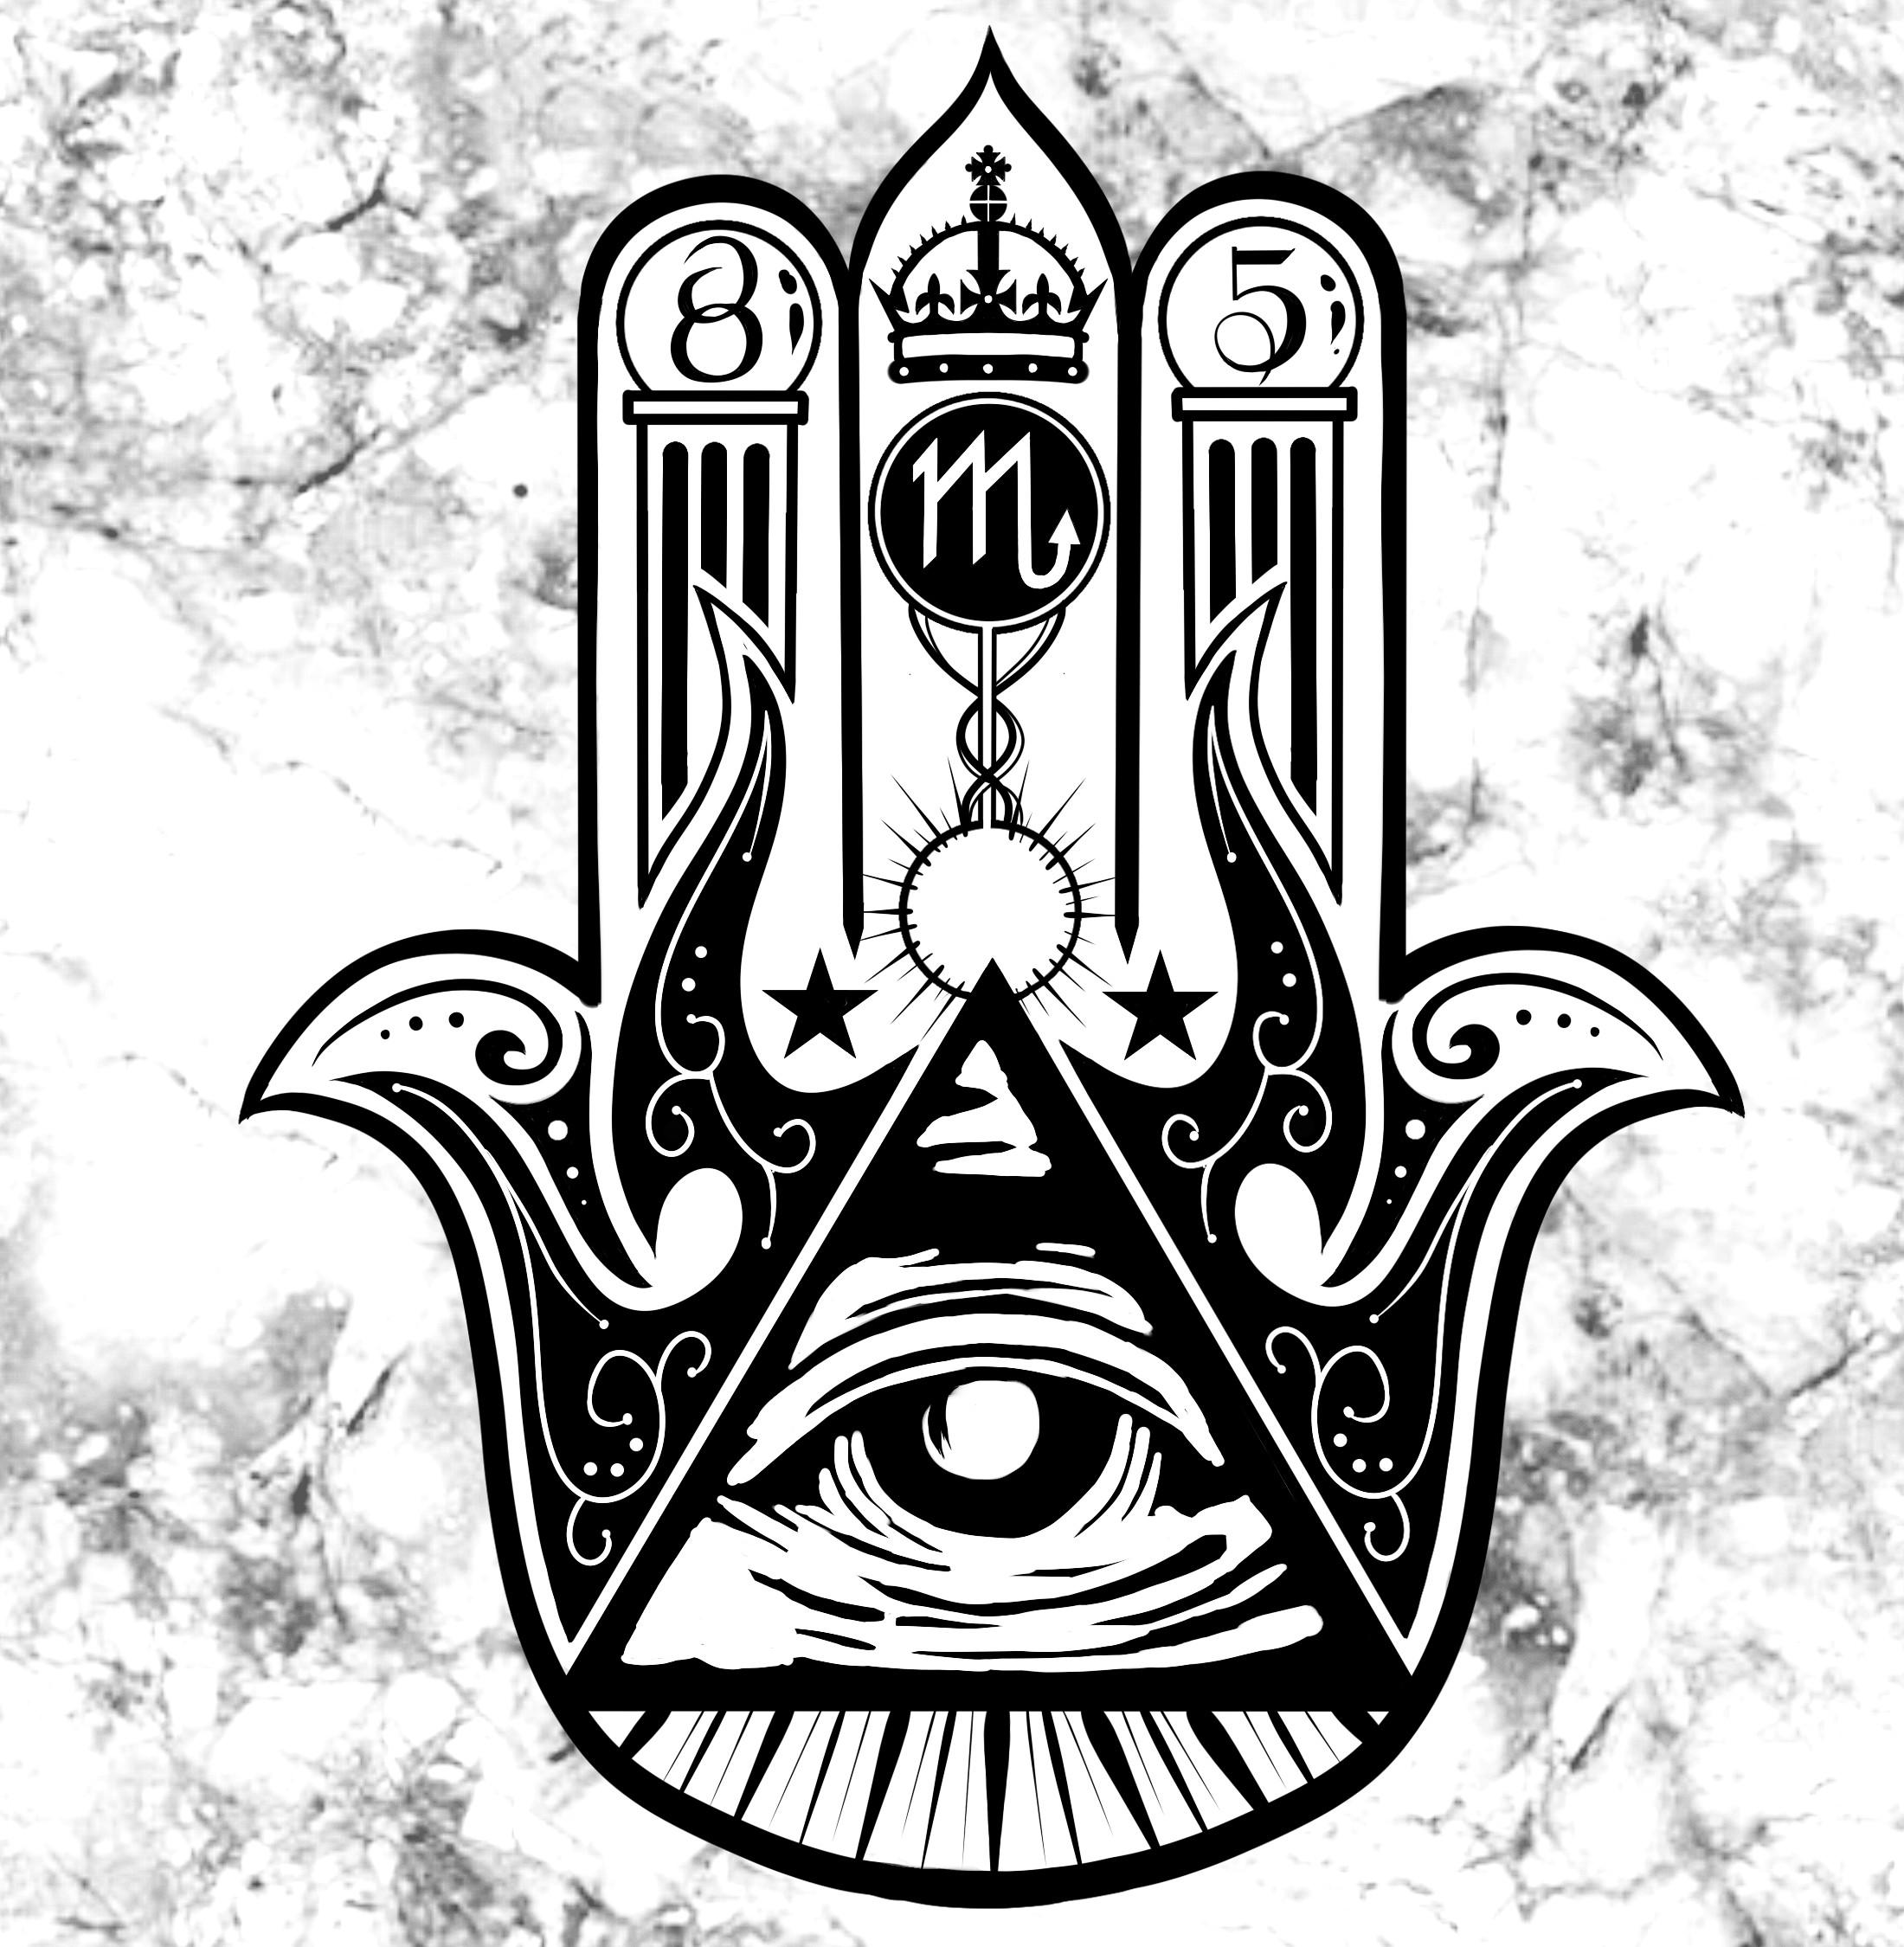 Ellos tienen un secreto que impacta al parecer son Illuminatis